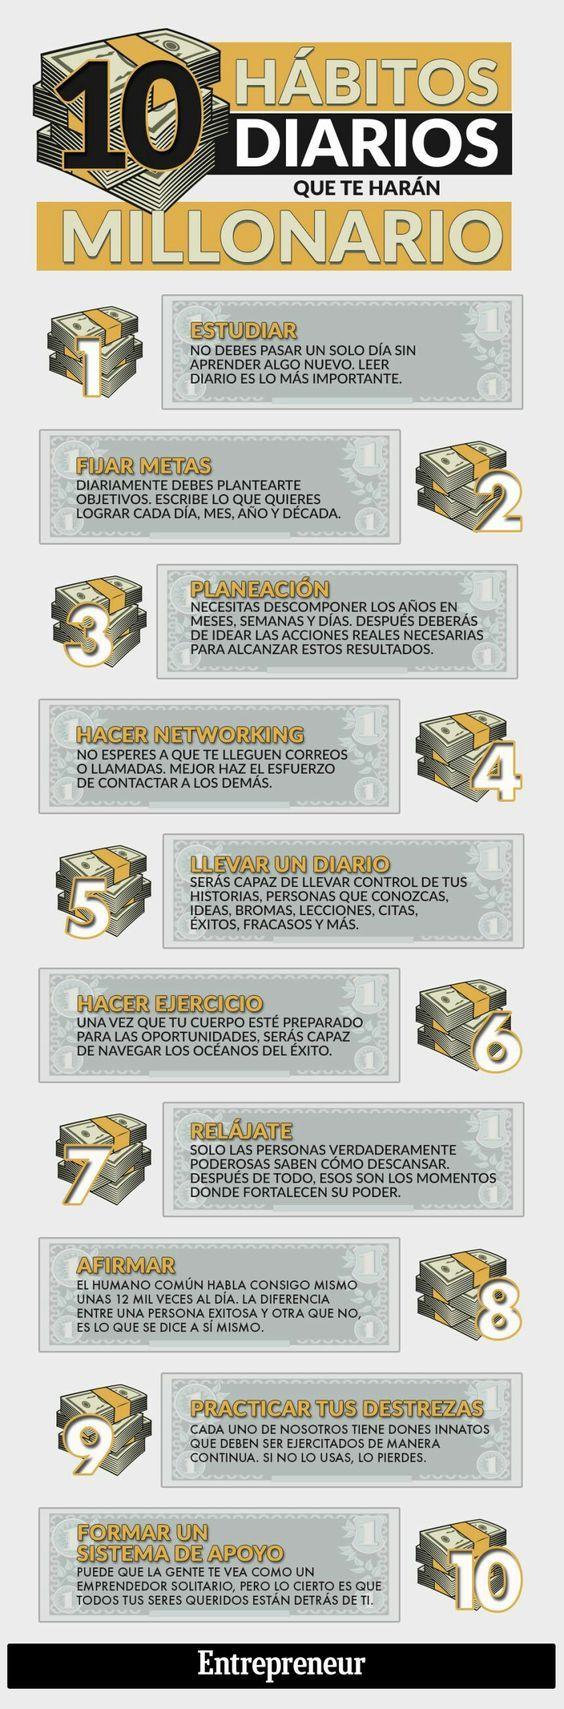 10 hábitos diarios que te harán millonario - http://conecta2.cat/10-habitos-diarios-que-te-haran-millonario/ @Conecta2cat